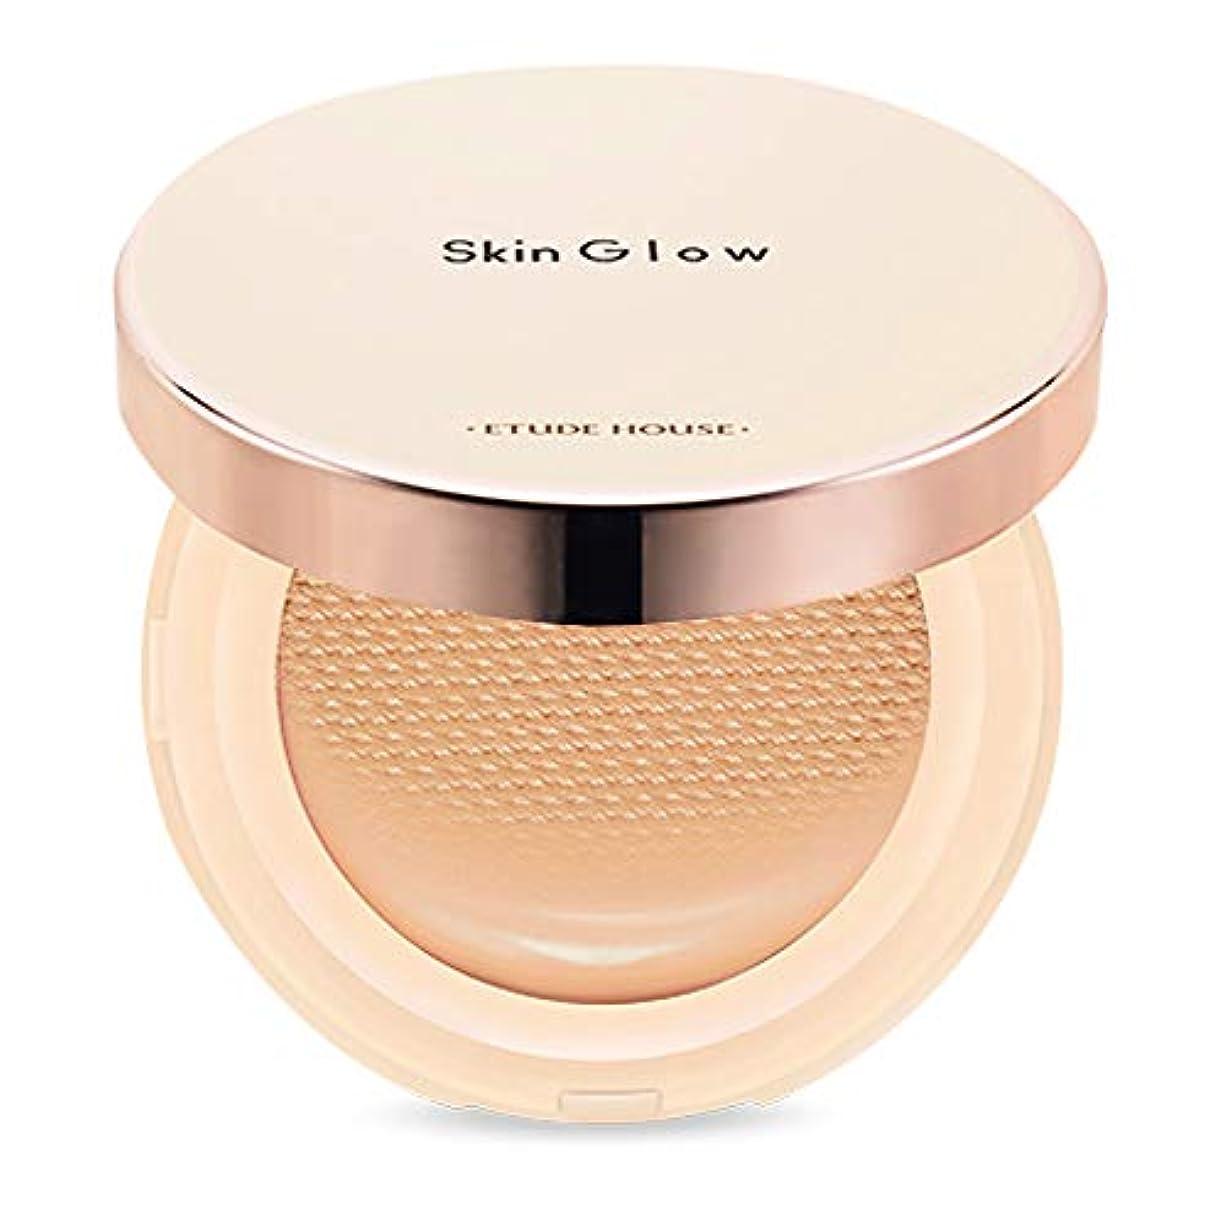 残高エスニック結果としてEtude House Skin Glow Essence Cushion SPF50+/PA++++ エチュードハウス スキン グロー エッセンス クッション (# N05 Sand) [並行輸入品]